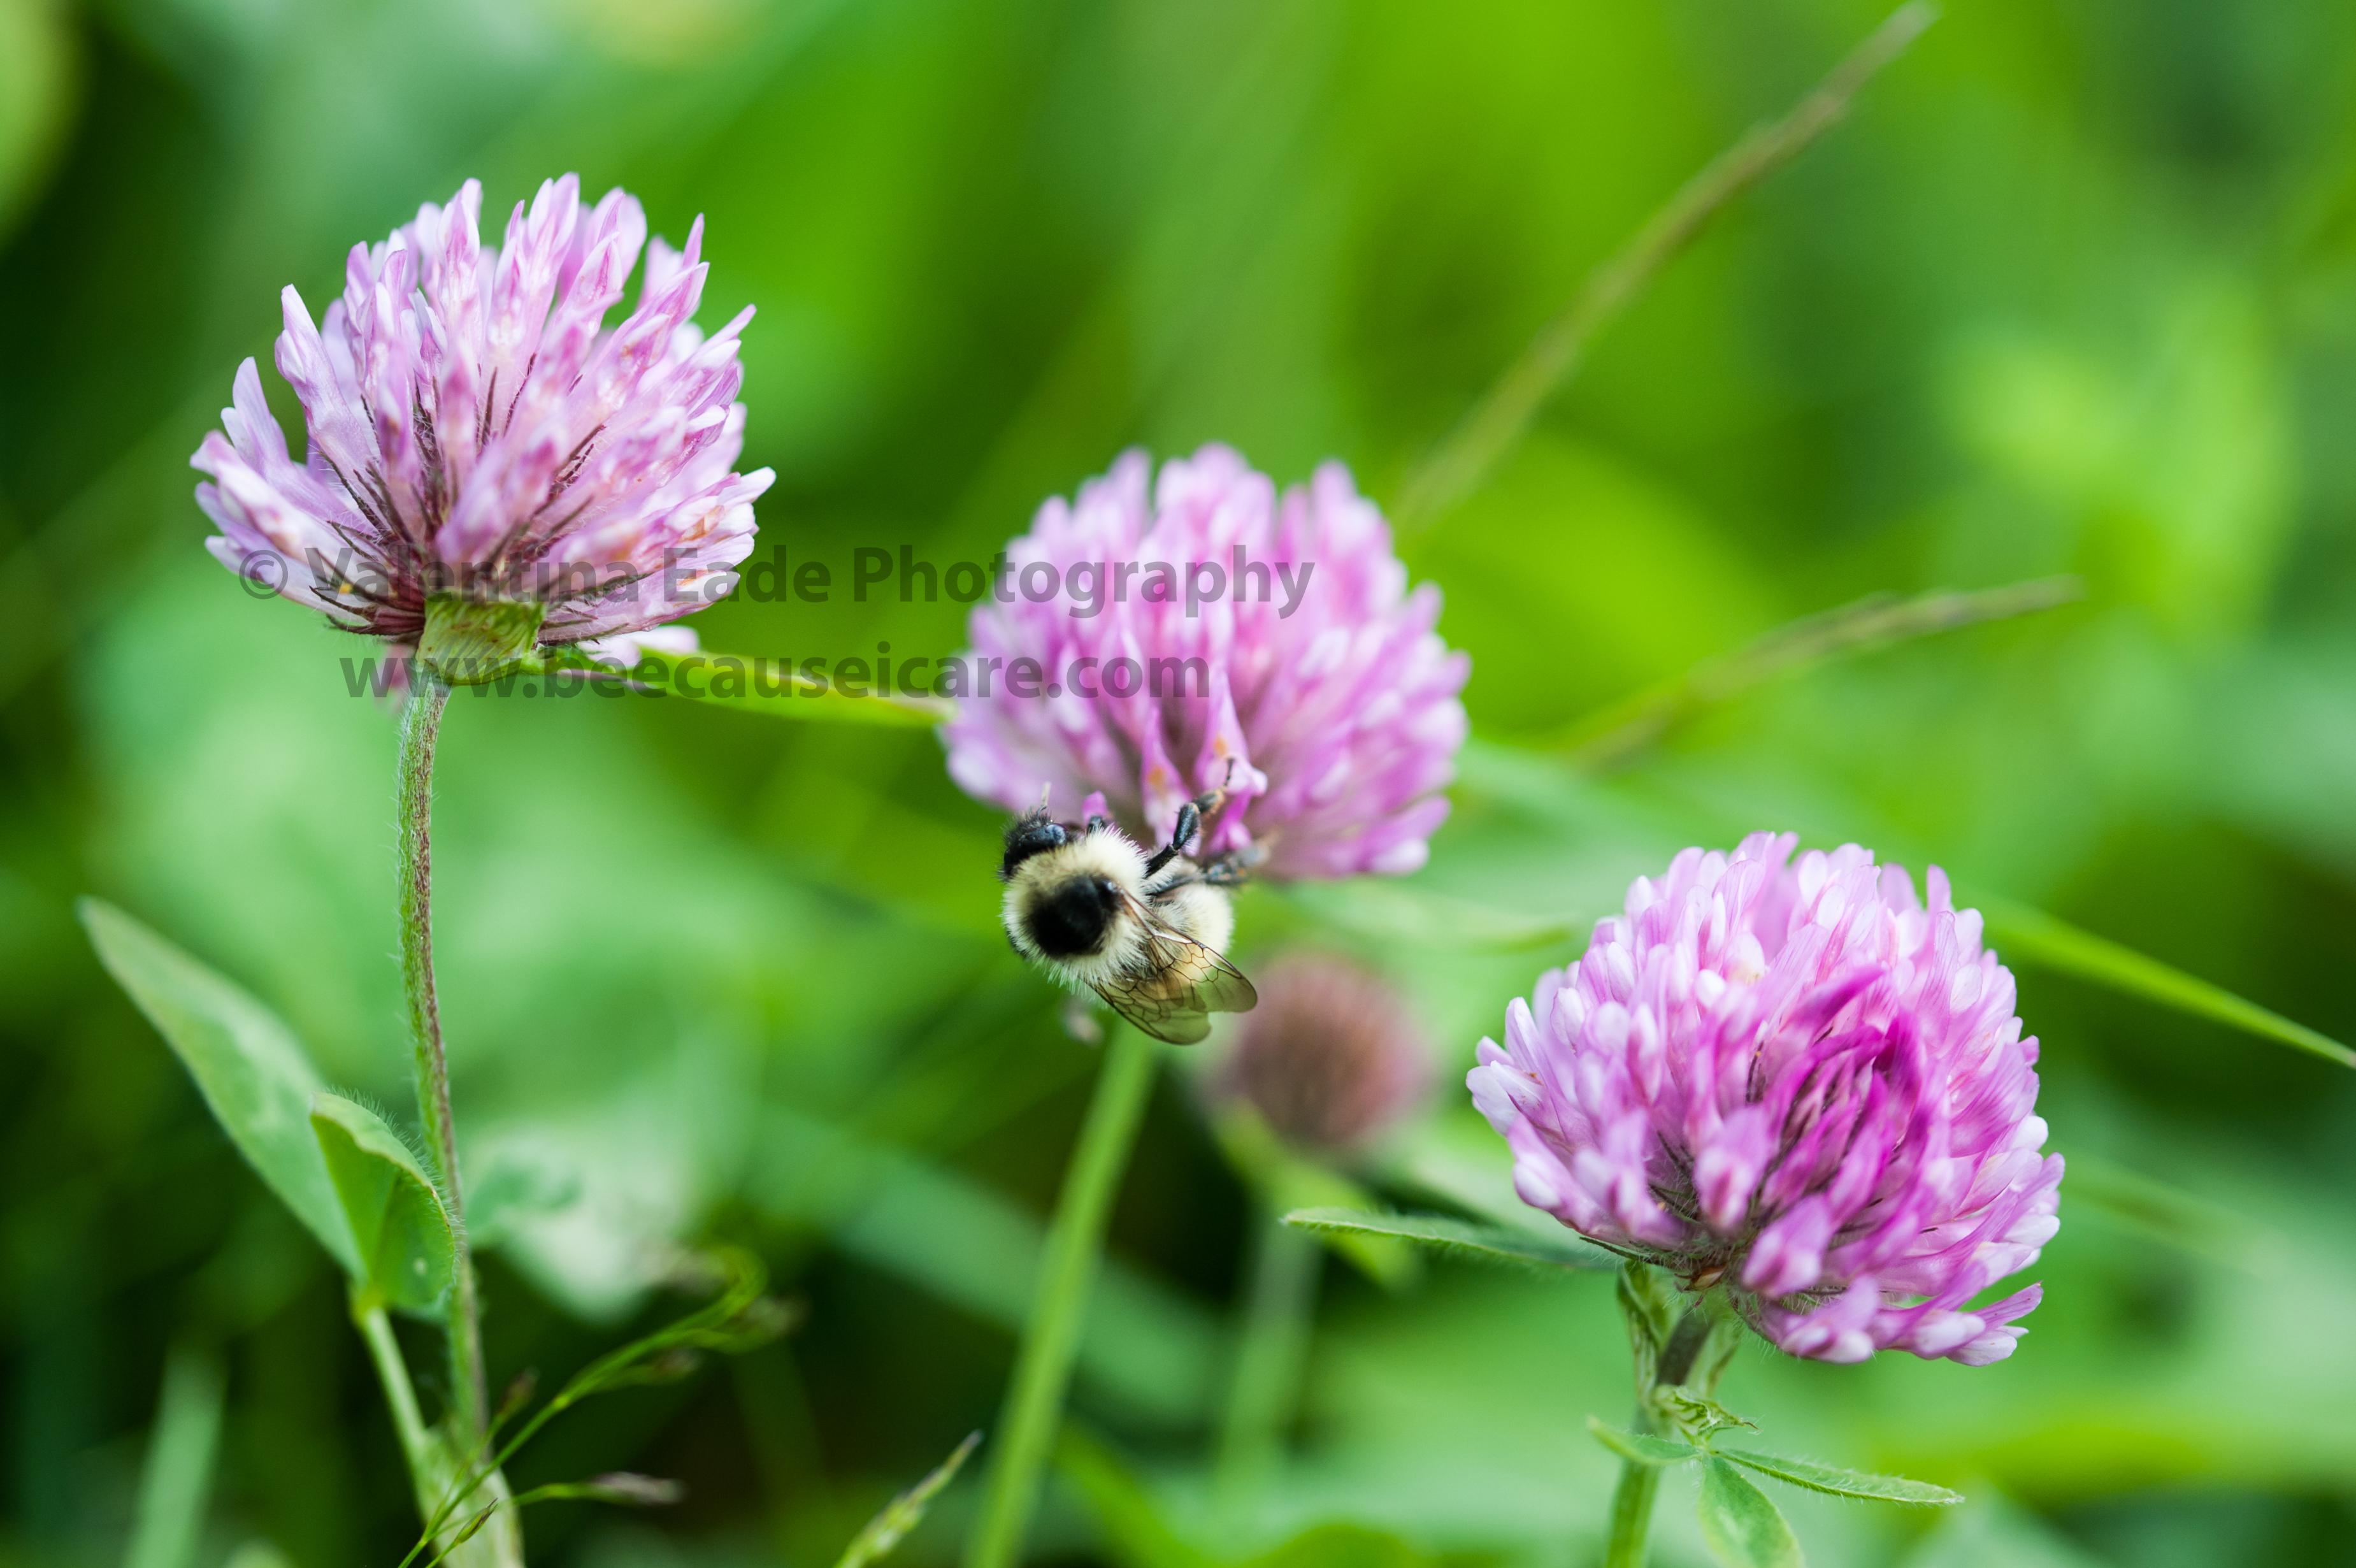 bumblebee_004